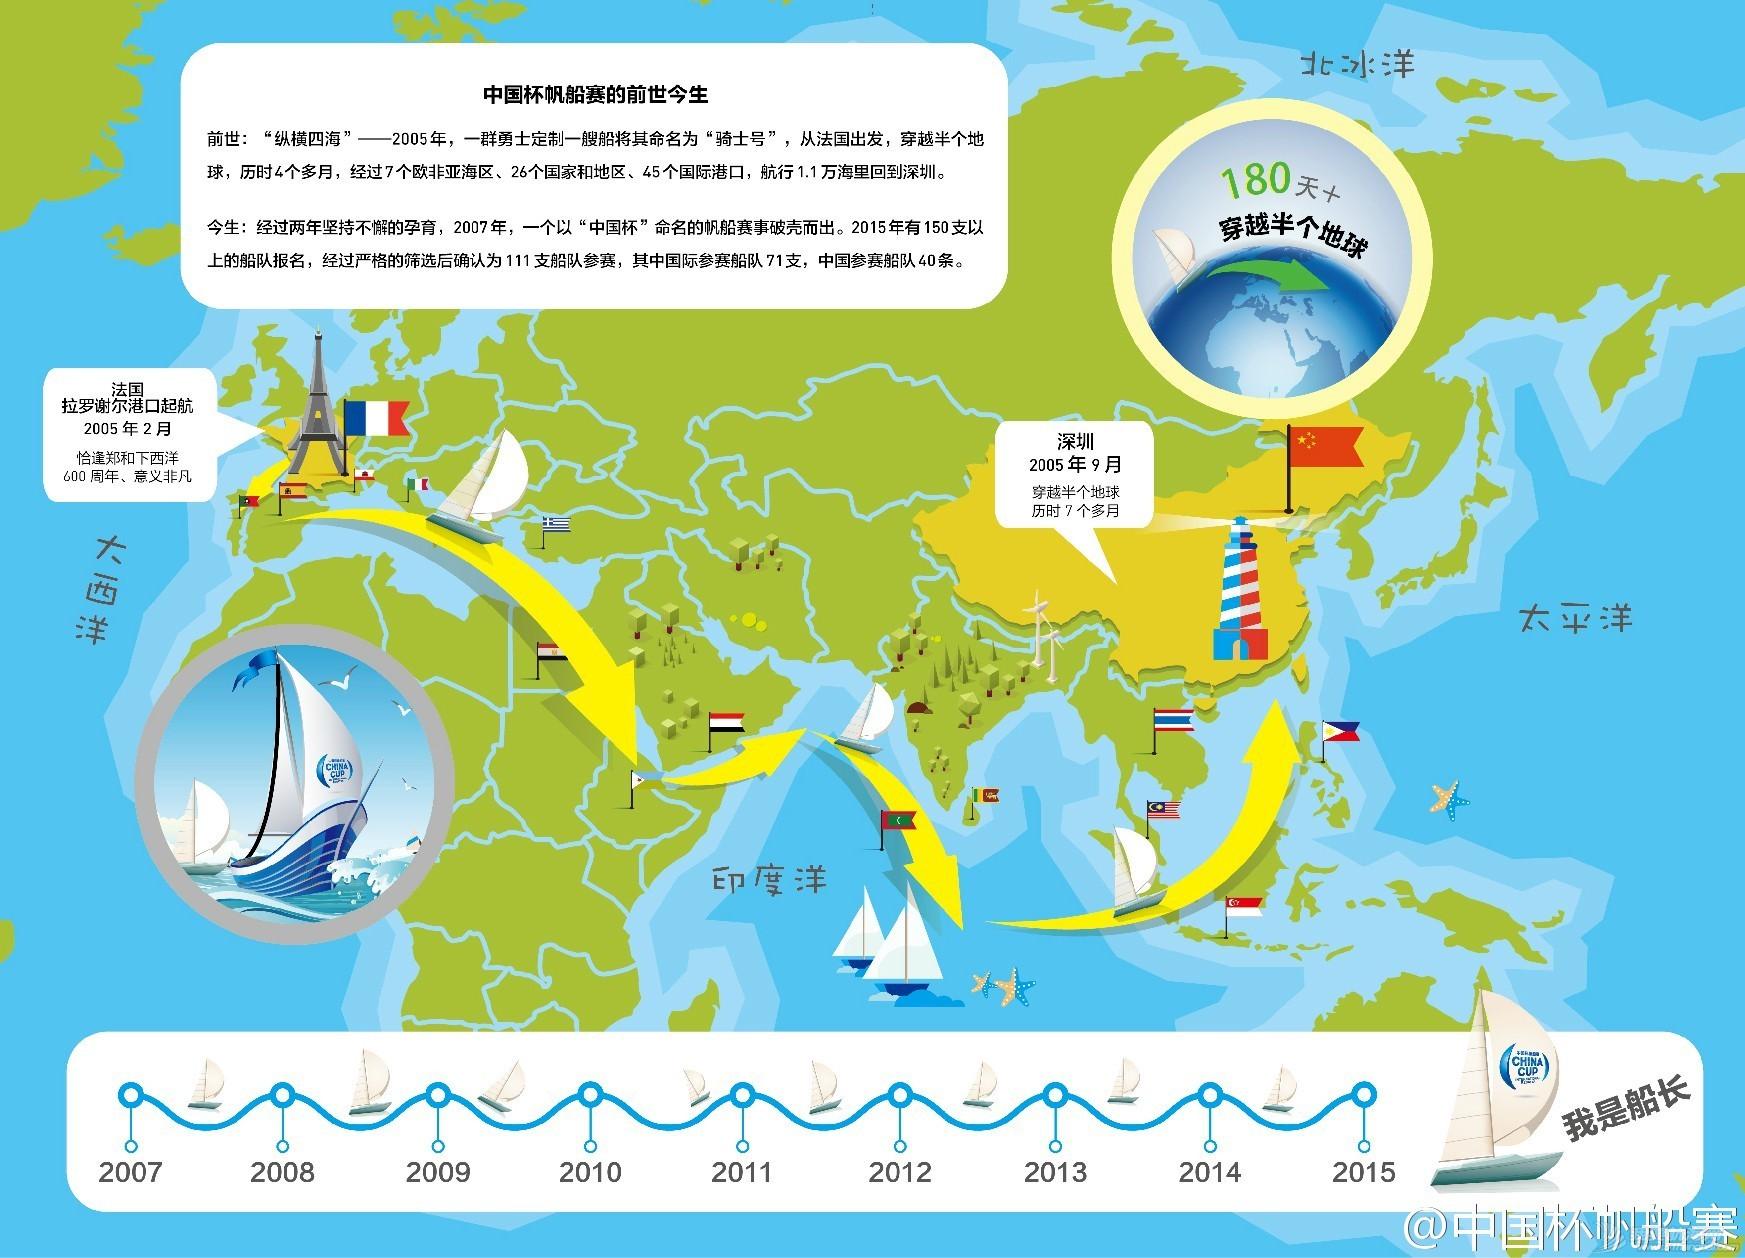 中国杯帆船赛开赛在即,百视通鼎力呈现 7efa32ae125067b26e9009c41351738a.jpg